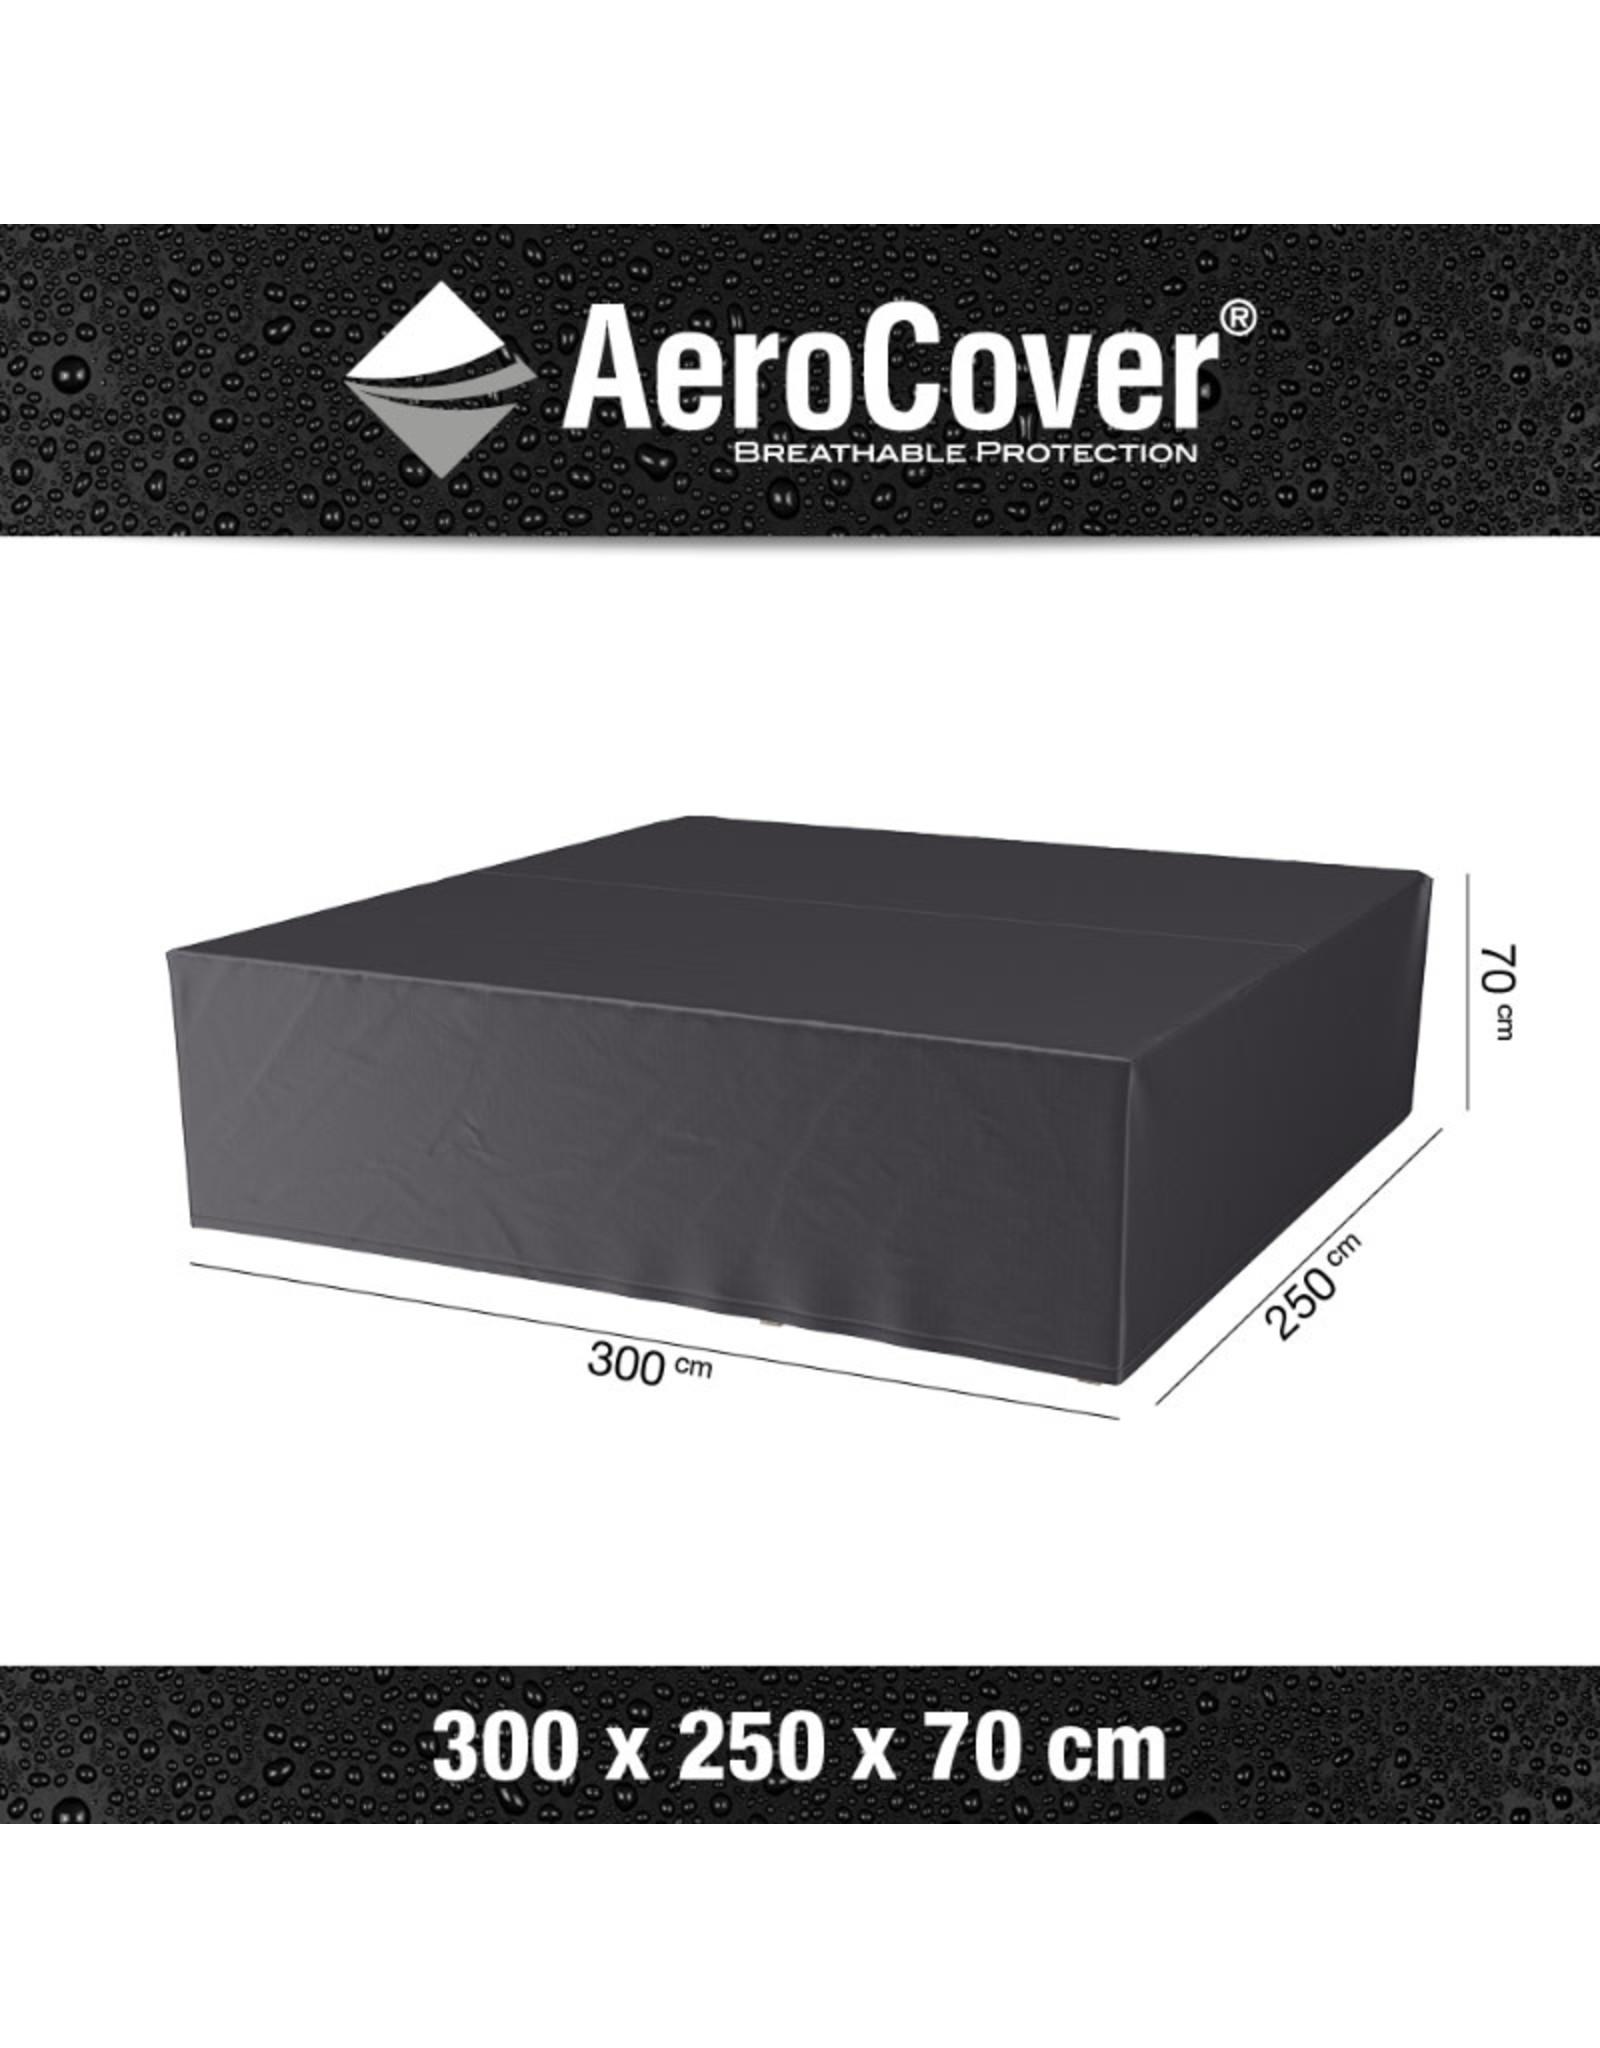 Aerocover AeroCover Loungesethoes 300x250xH70 art.7939